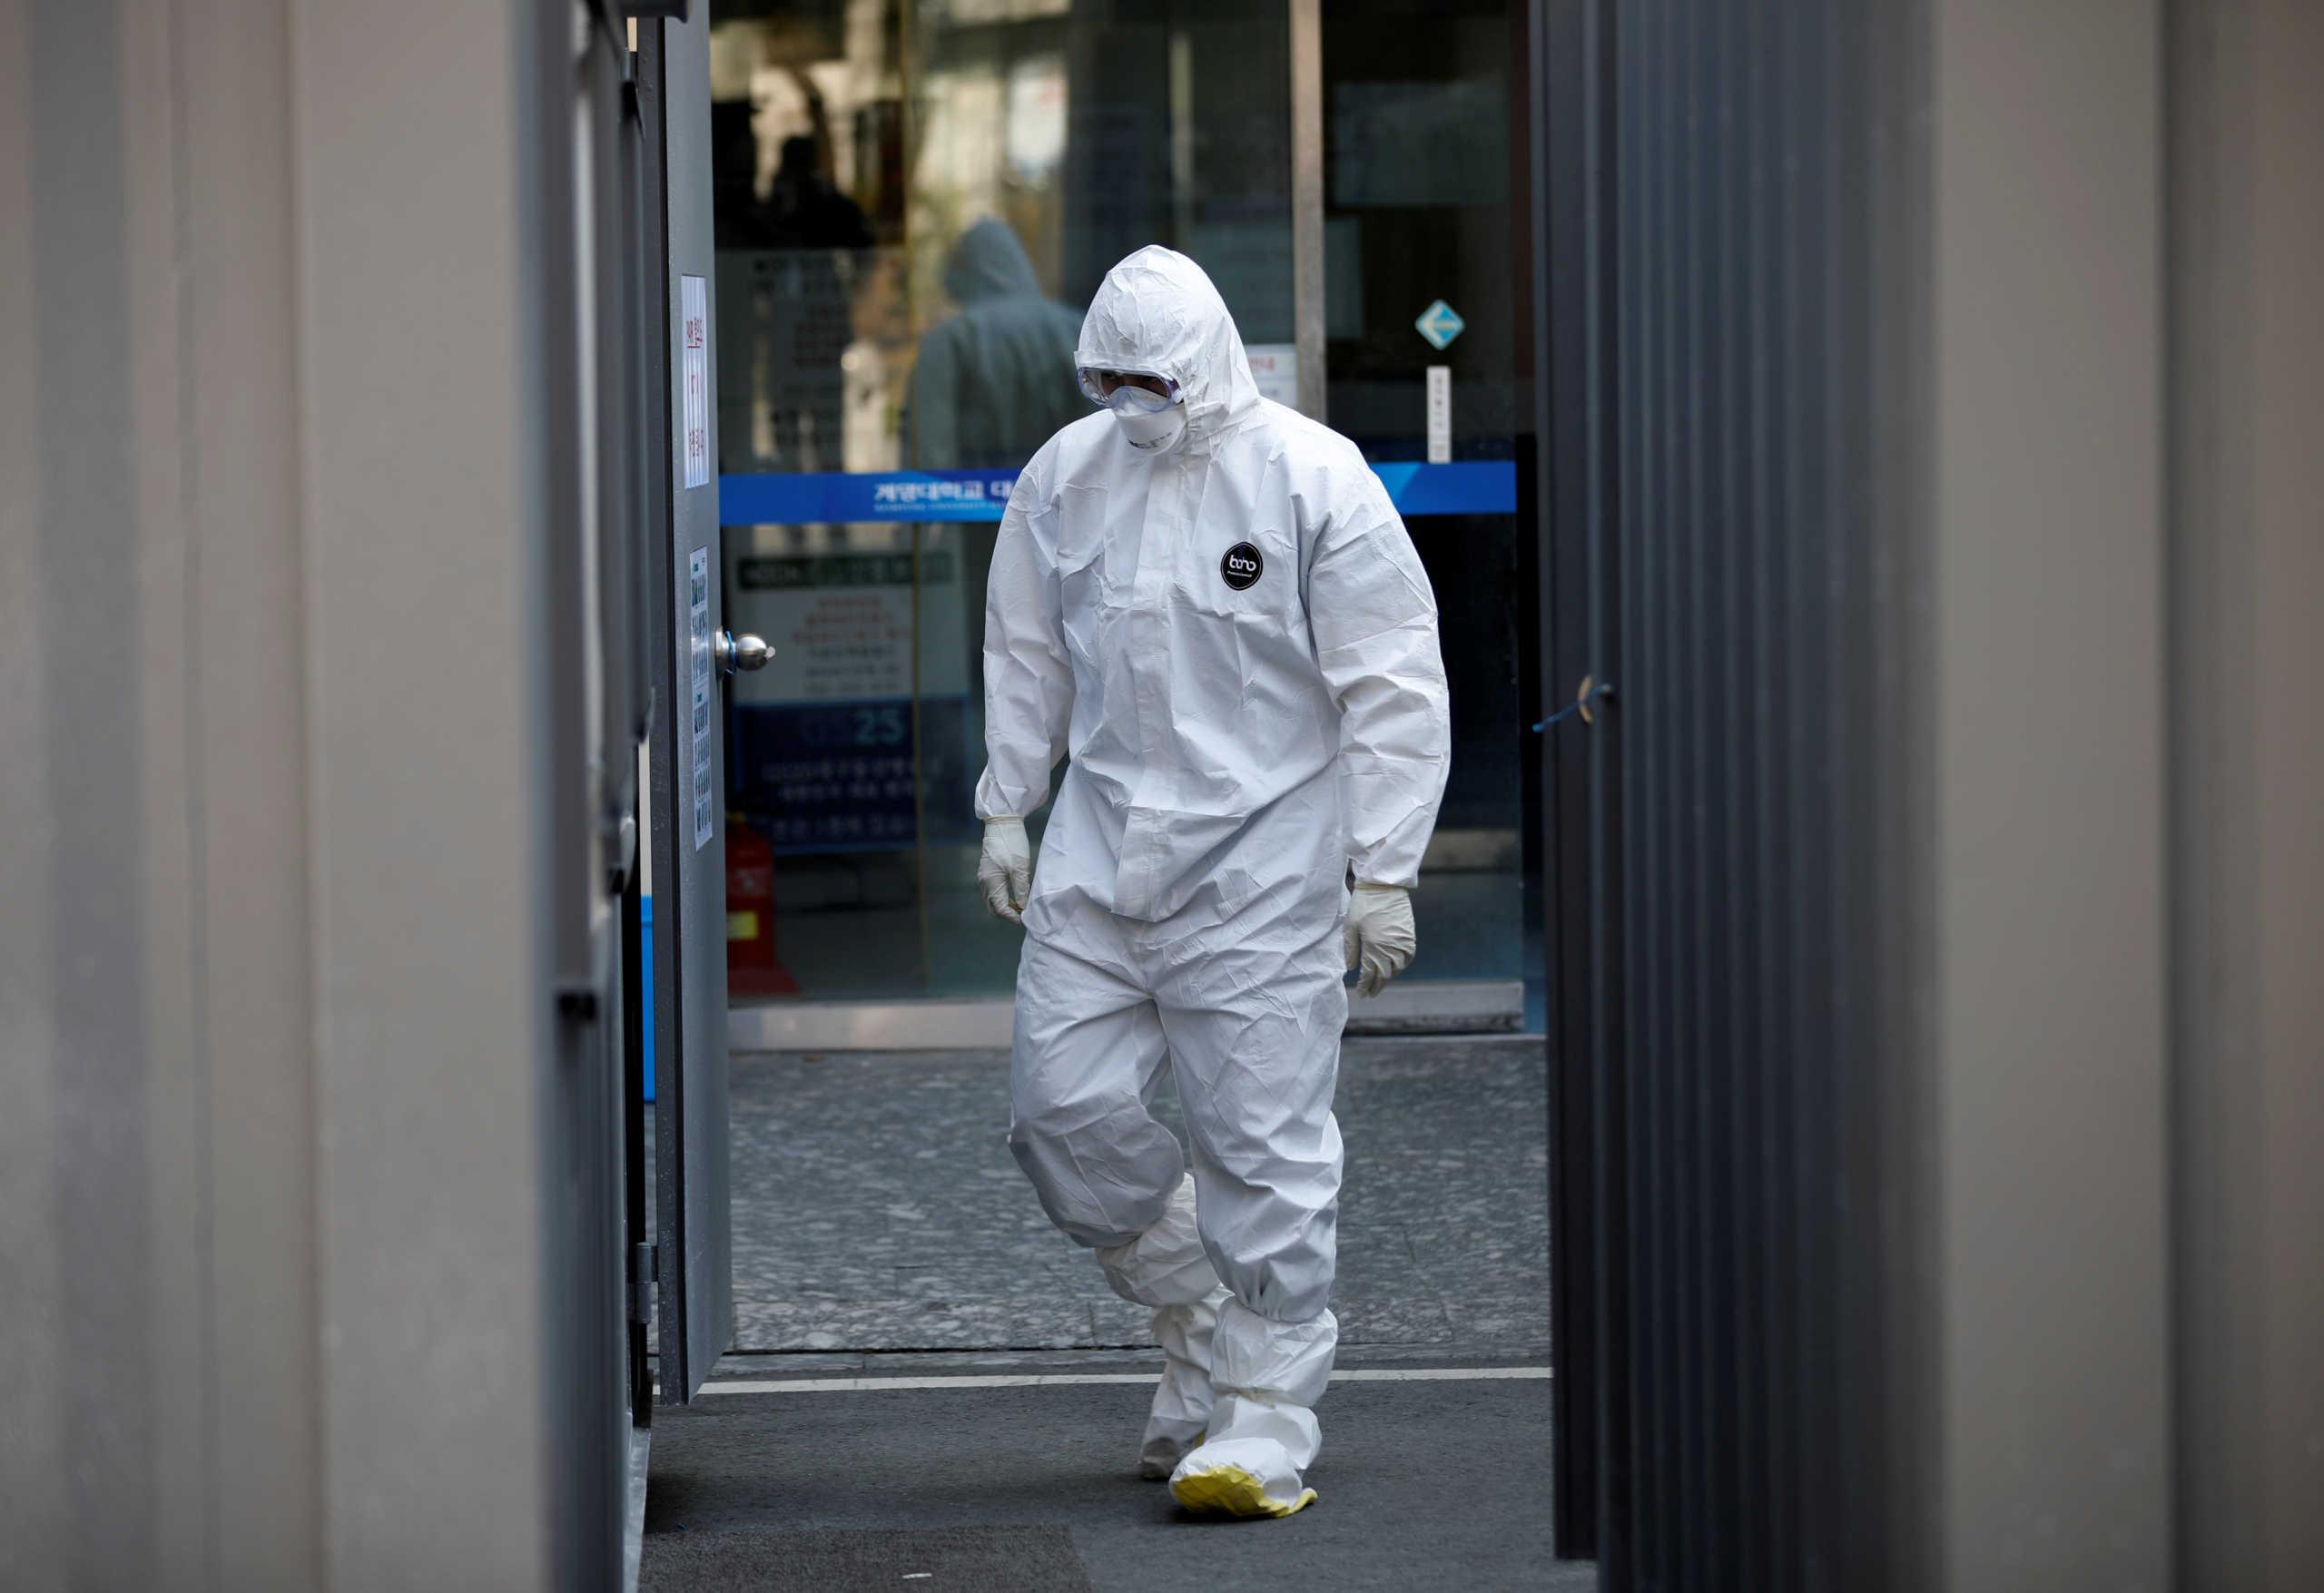 Πρώτος νεκρός στην Ελβετία από τον κορονοϊό! Τρεις νεκροί στο Ιράκ